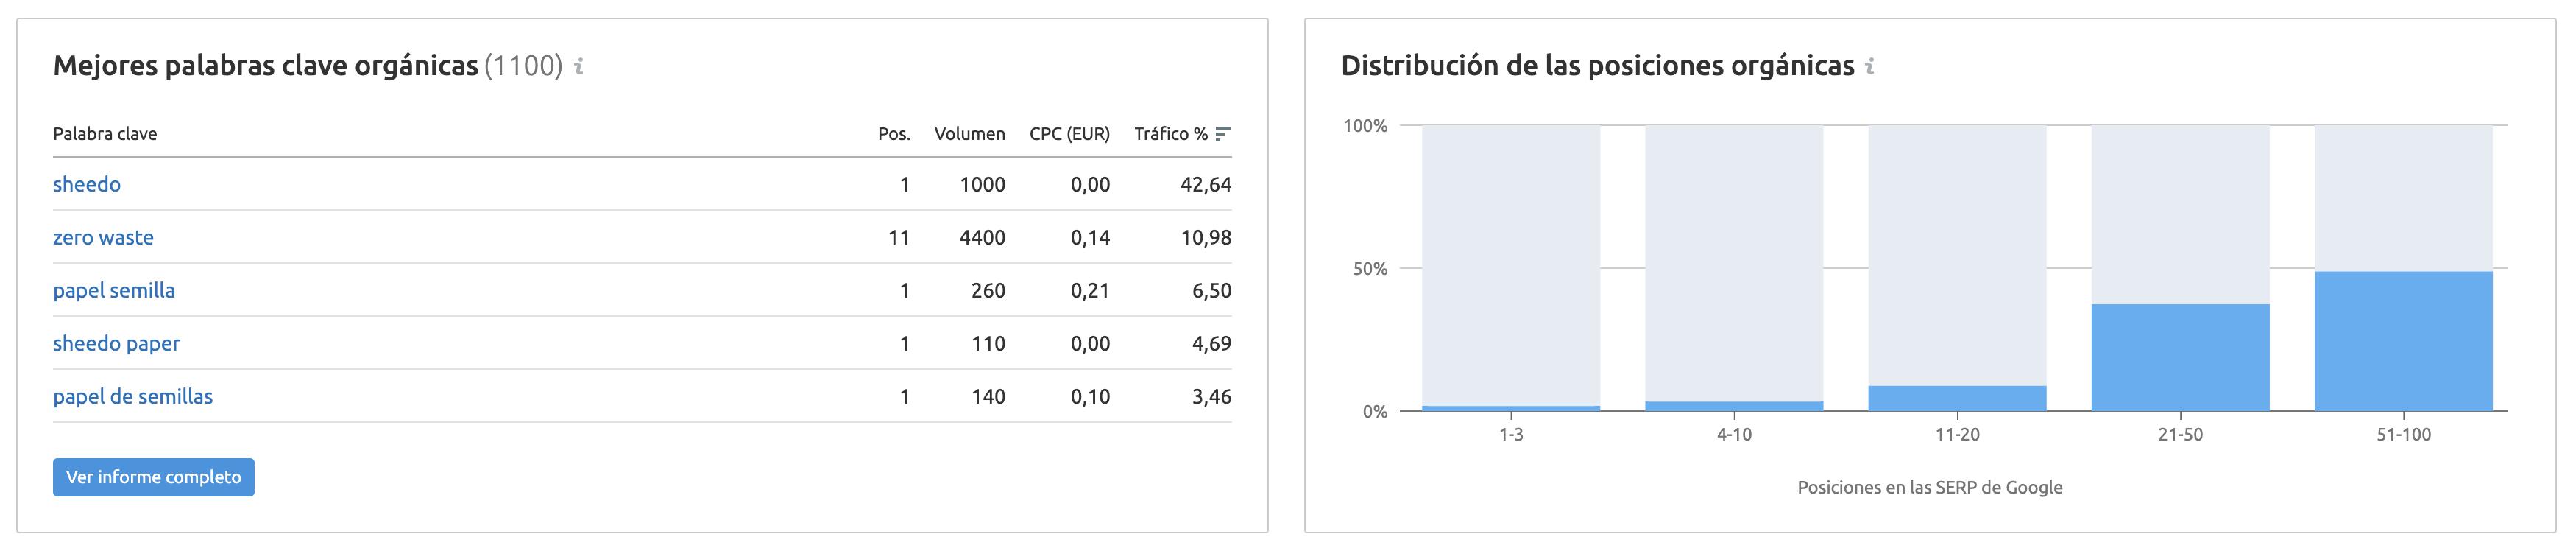 Estrategias de marketing ecológico - Distribución de las posiciones Sheedo